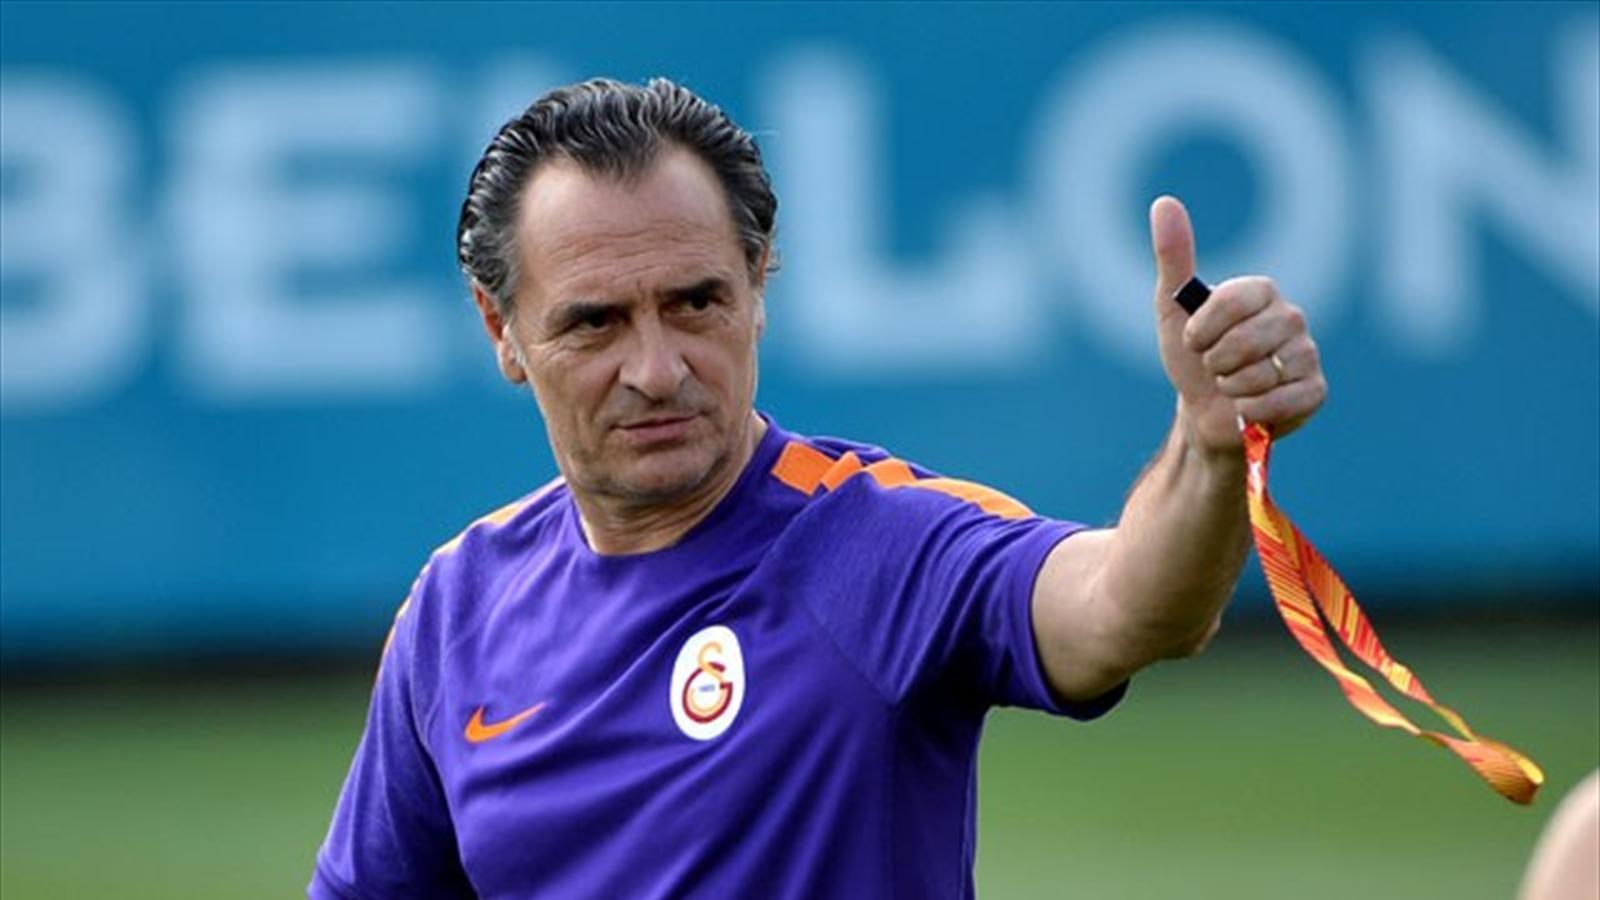 Galatasaray yönetimi Cesare Prandelli'yi göndermek için menajerini İstanbul'a davet etti. Sözleşmenin tek taraflı feshi sonucunda ise Galatasaray'ın kasasından 9.4 milyon dolar çıkacak. prandelli, prandelliyi göndermenin maliyeti, galatasaray, italyan teknik adam, FIFA, tazminat, Ünal Aysal, Cesare Prandelli, şampiyonlar ligi, çeyrek final, Türkiye Kupası,